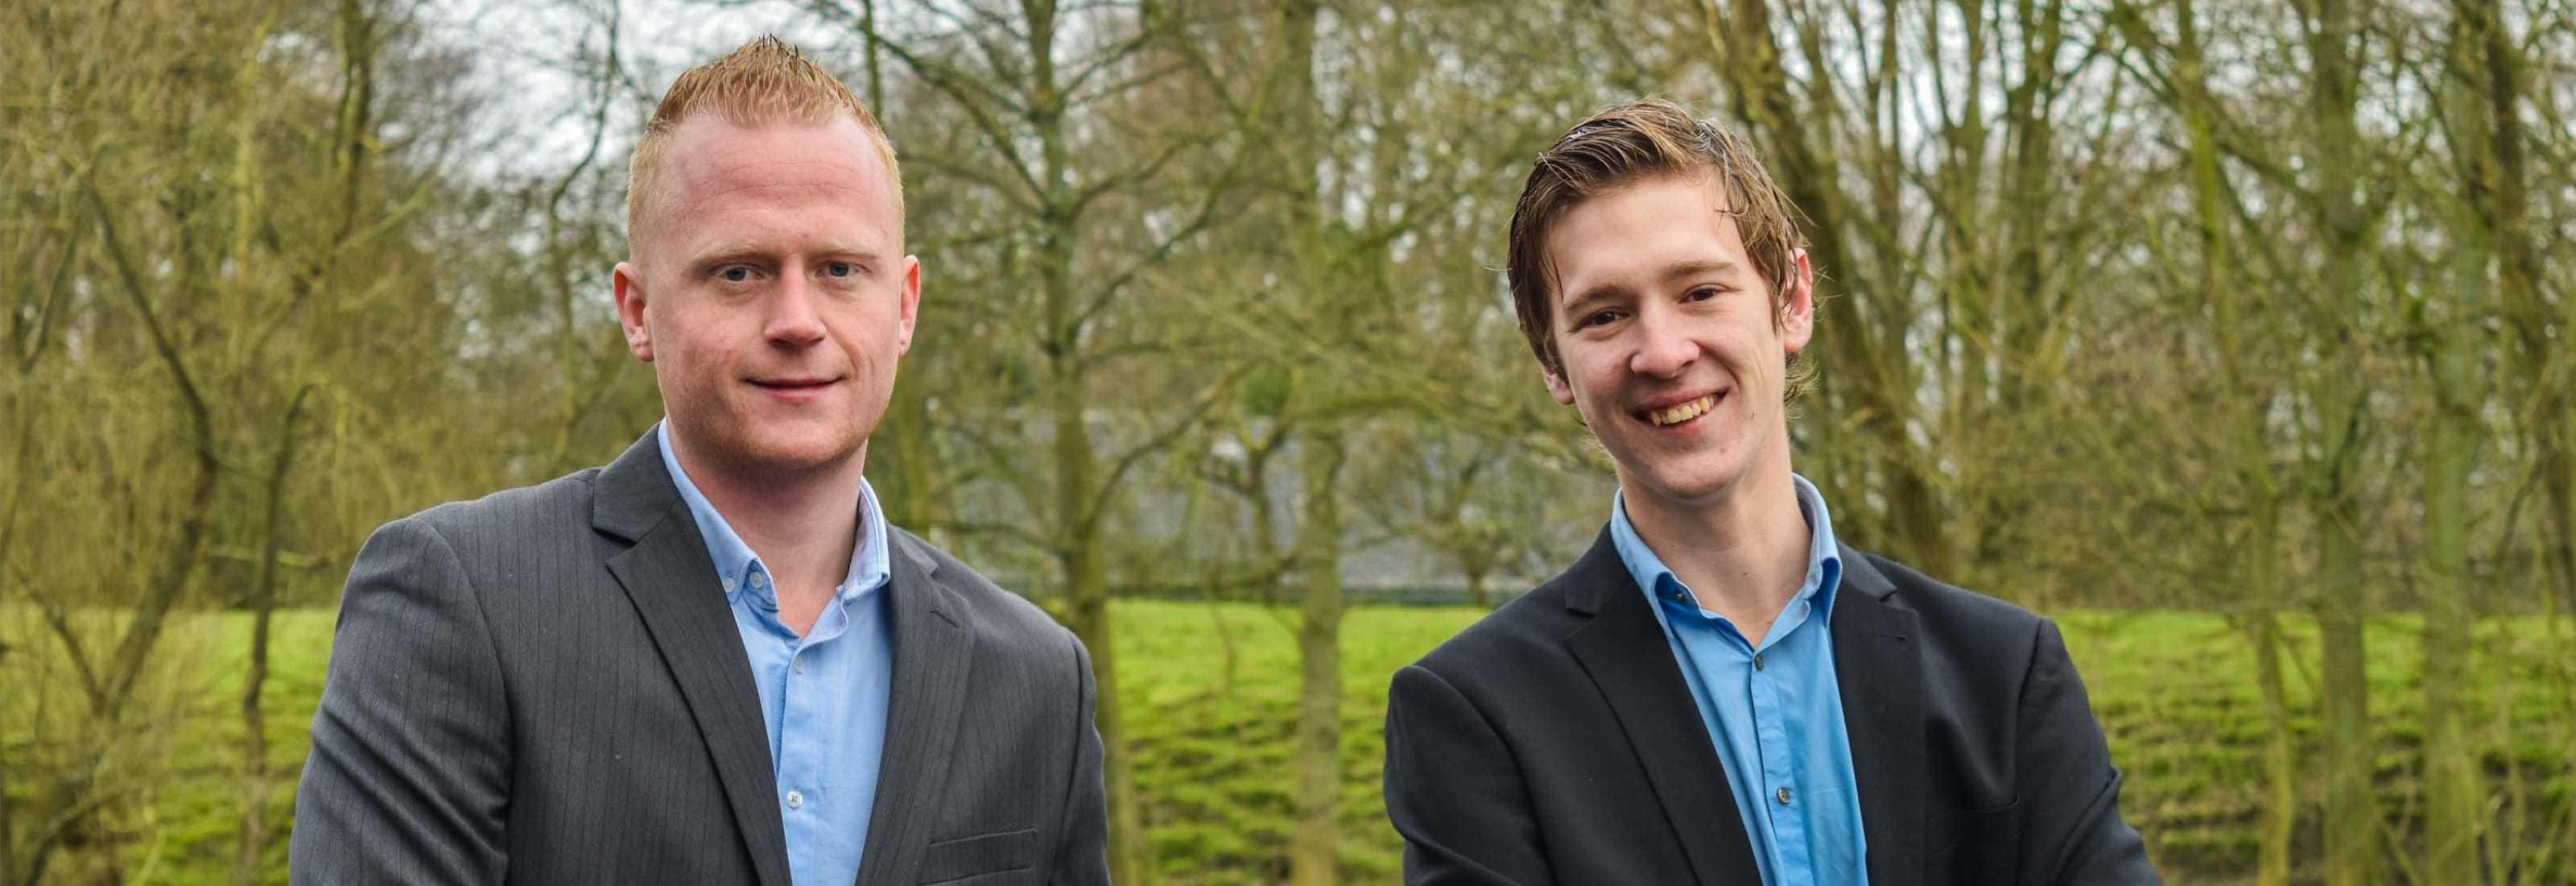 RY Adviseurs - Administratiekantoor in Nieuwegein